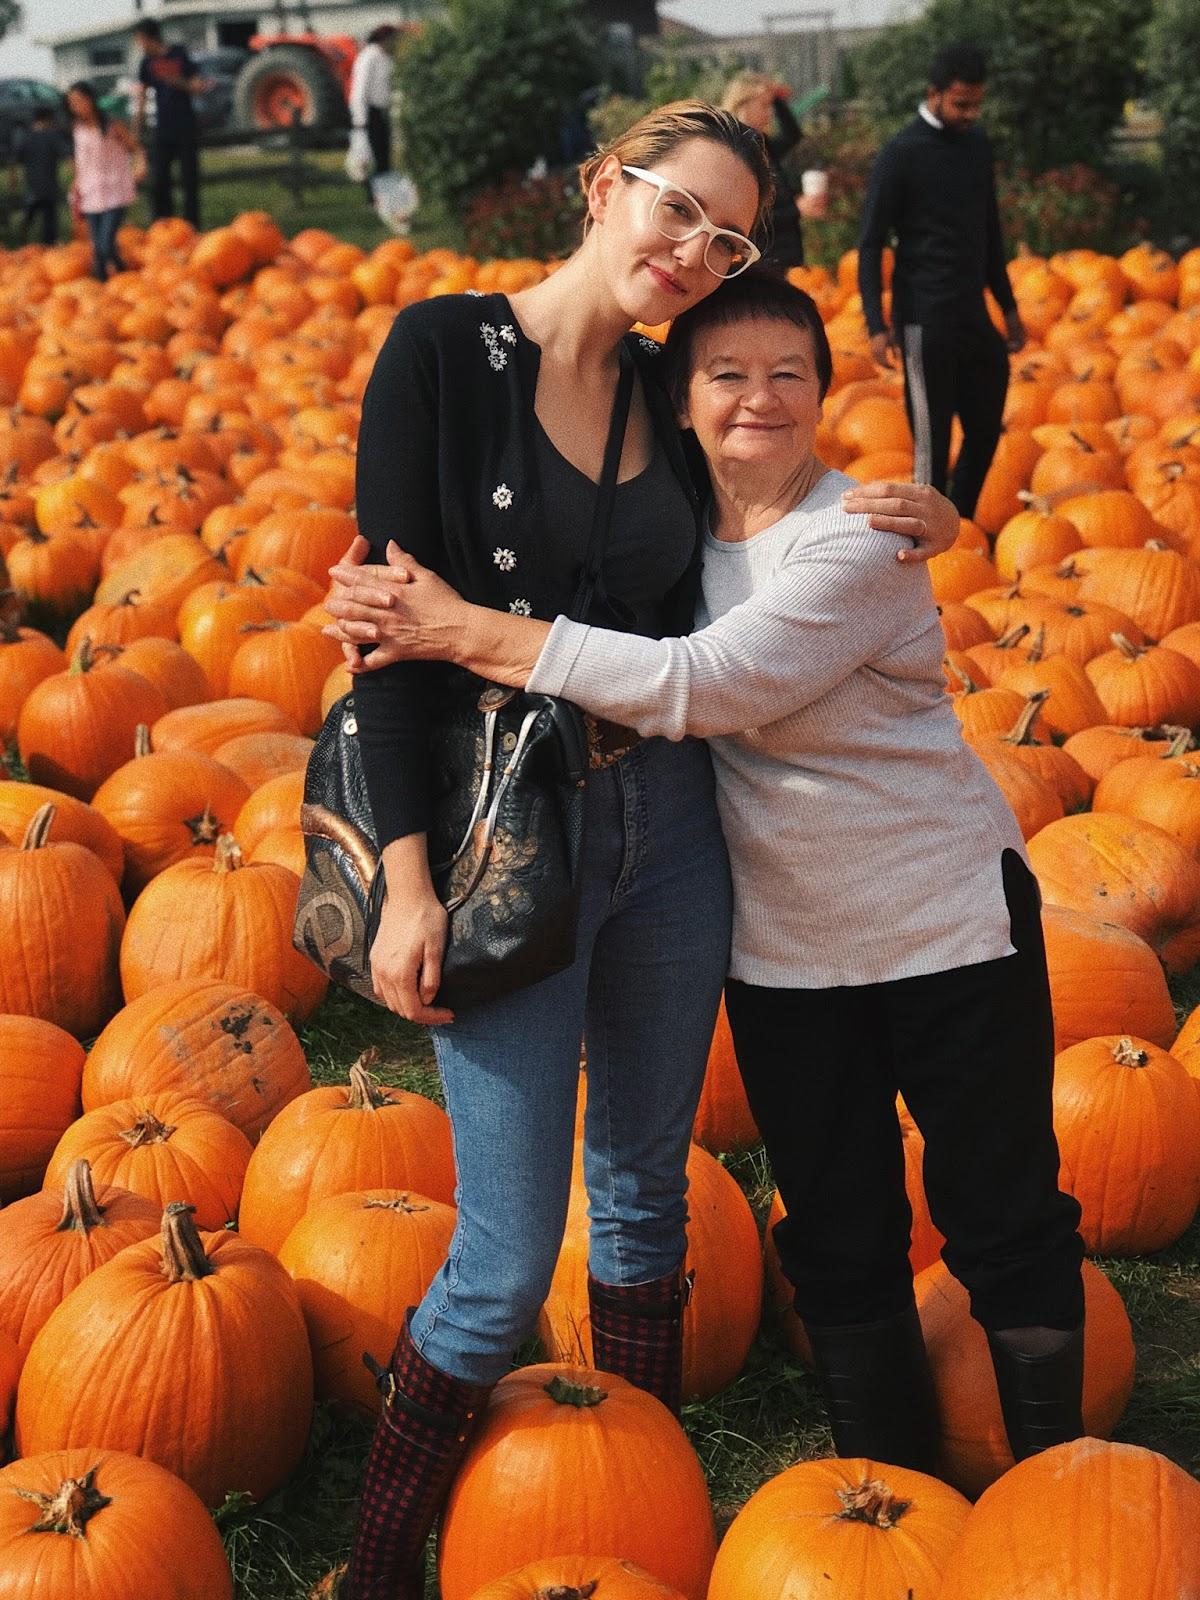 Pumpkin Fest in Ontario